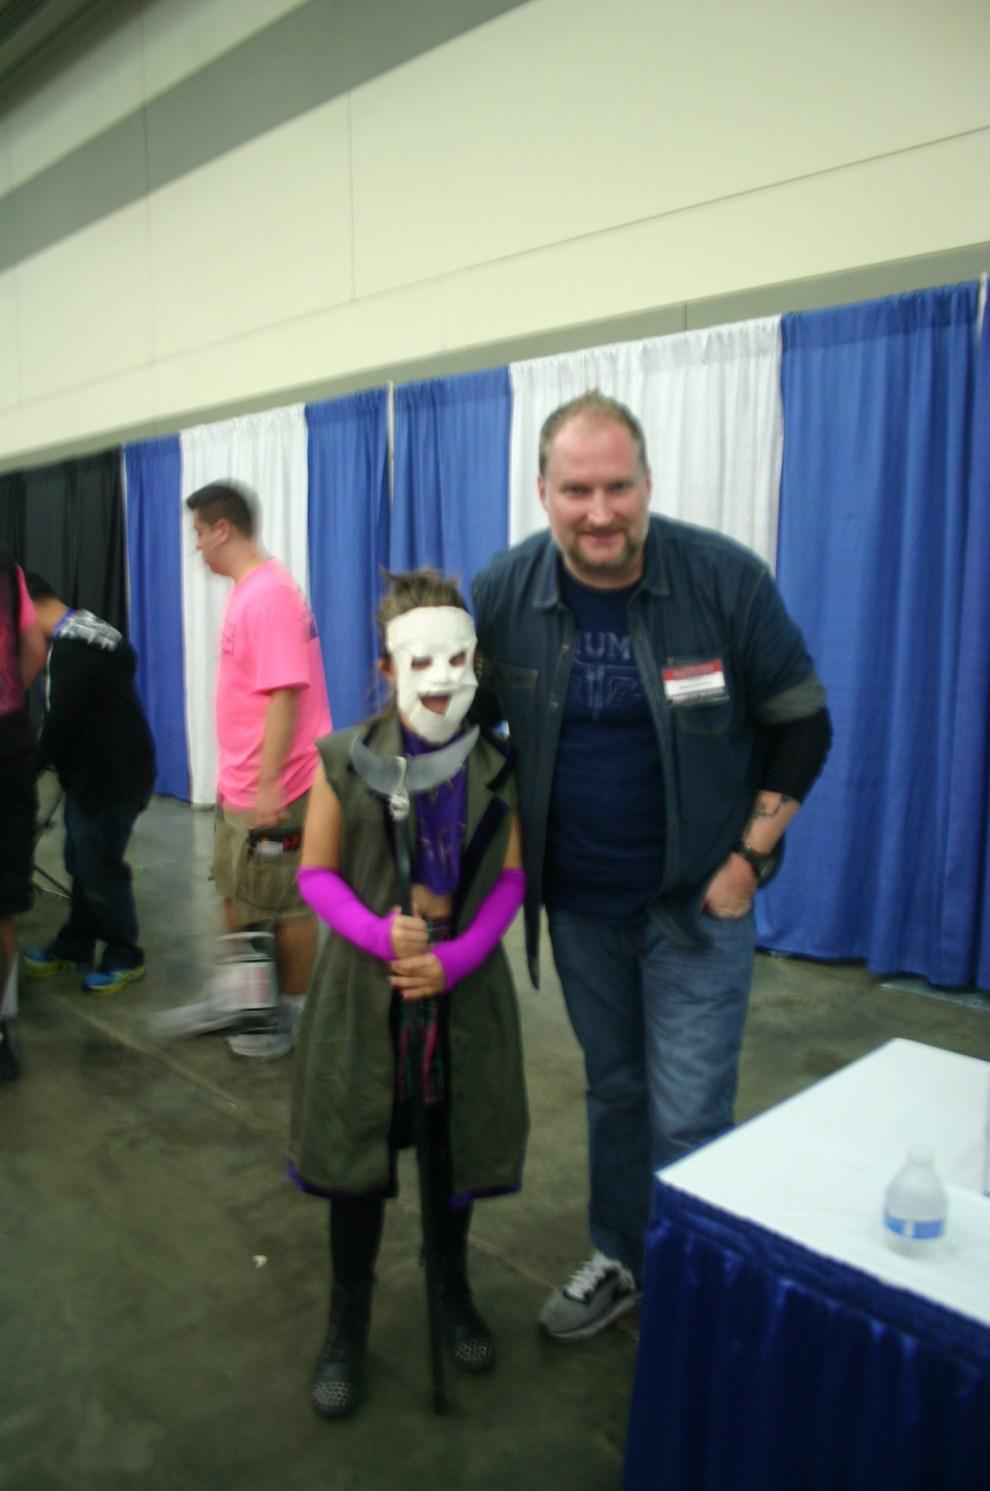 Joker's Daughter and Ethan Van Sciver